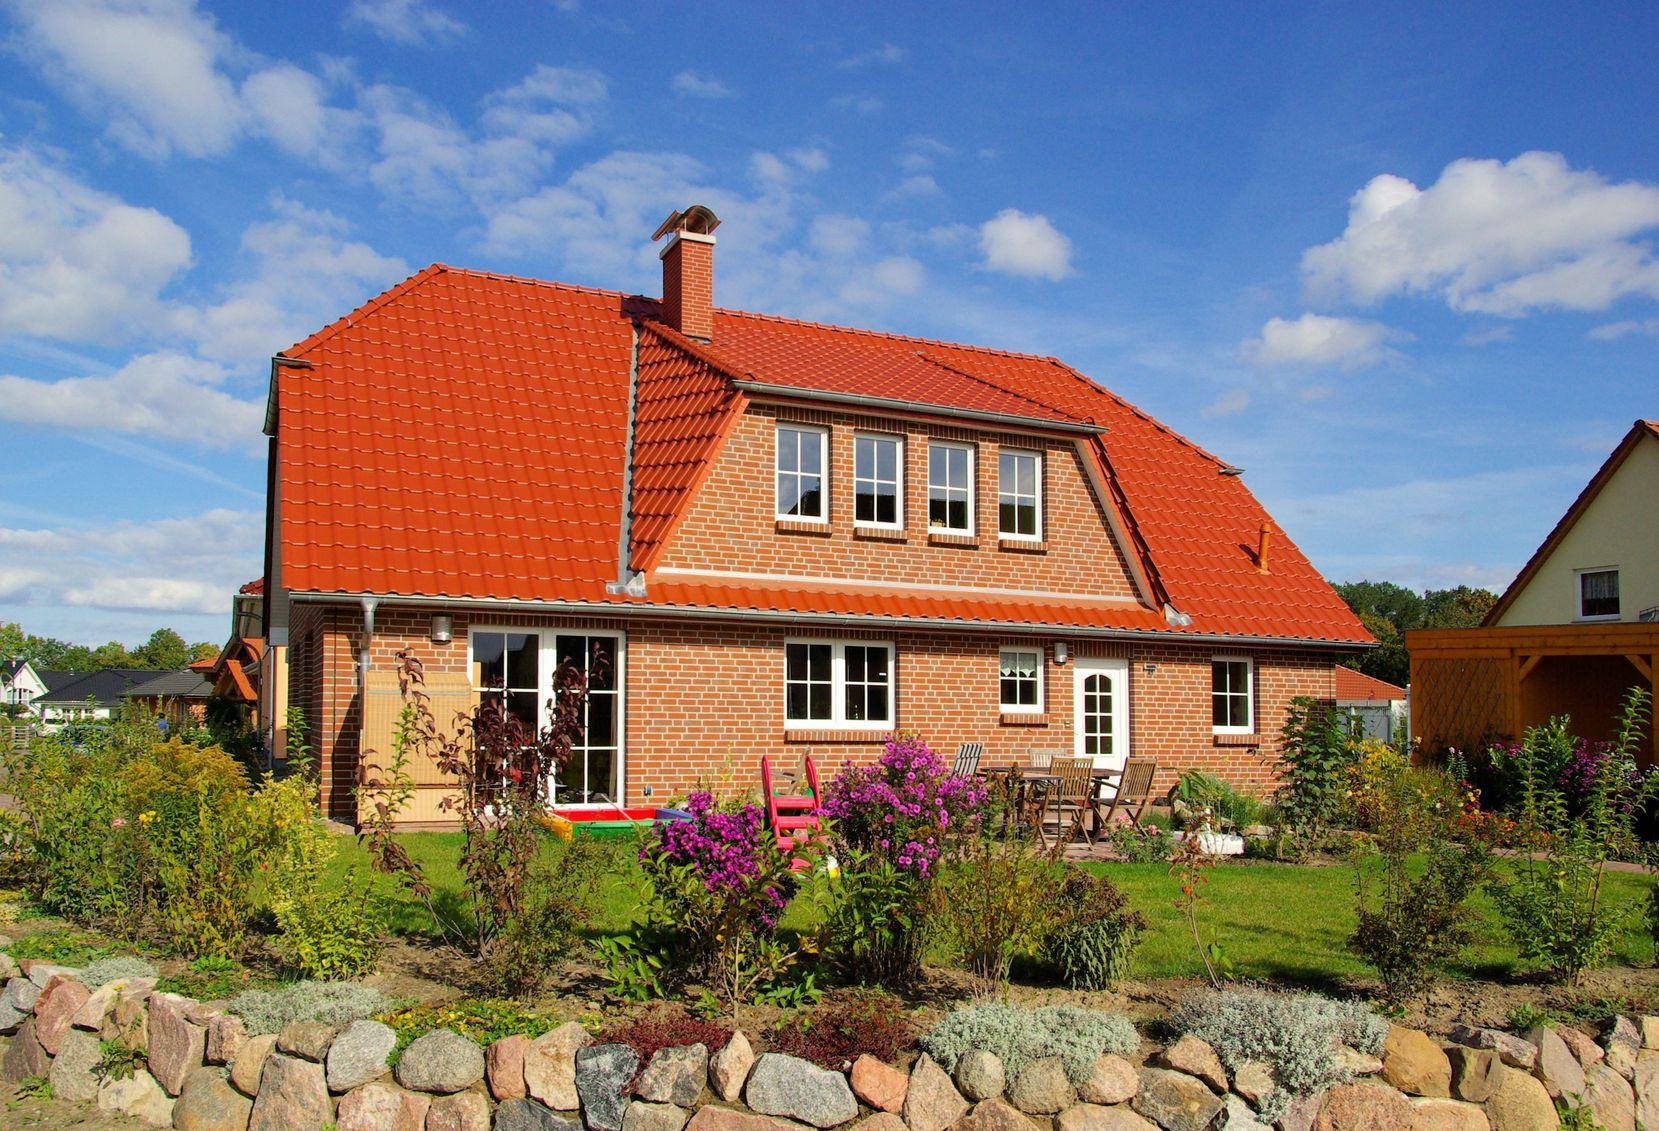 Immobilienmakler vermietung und verkauf grevenbroich for Immobilienmakler verkauf